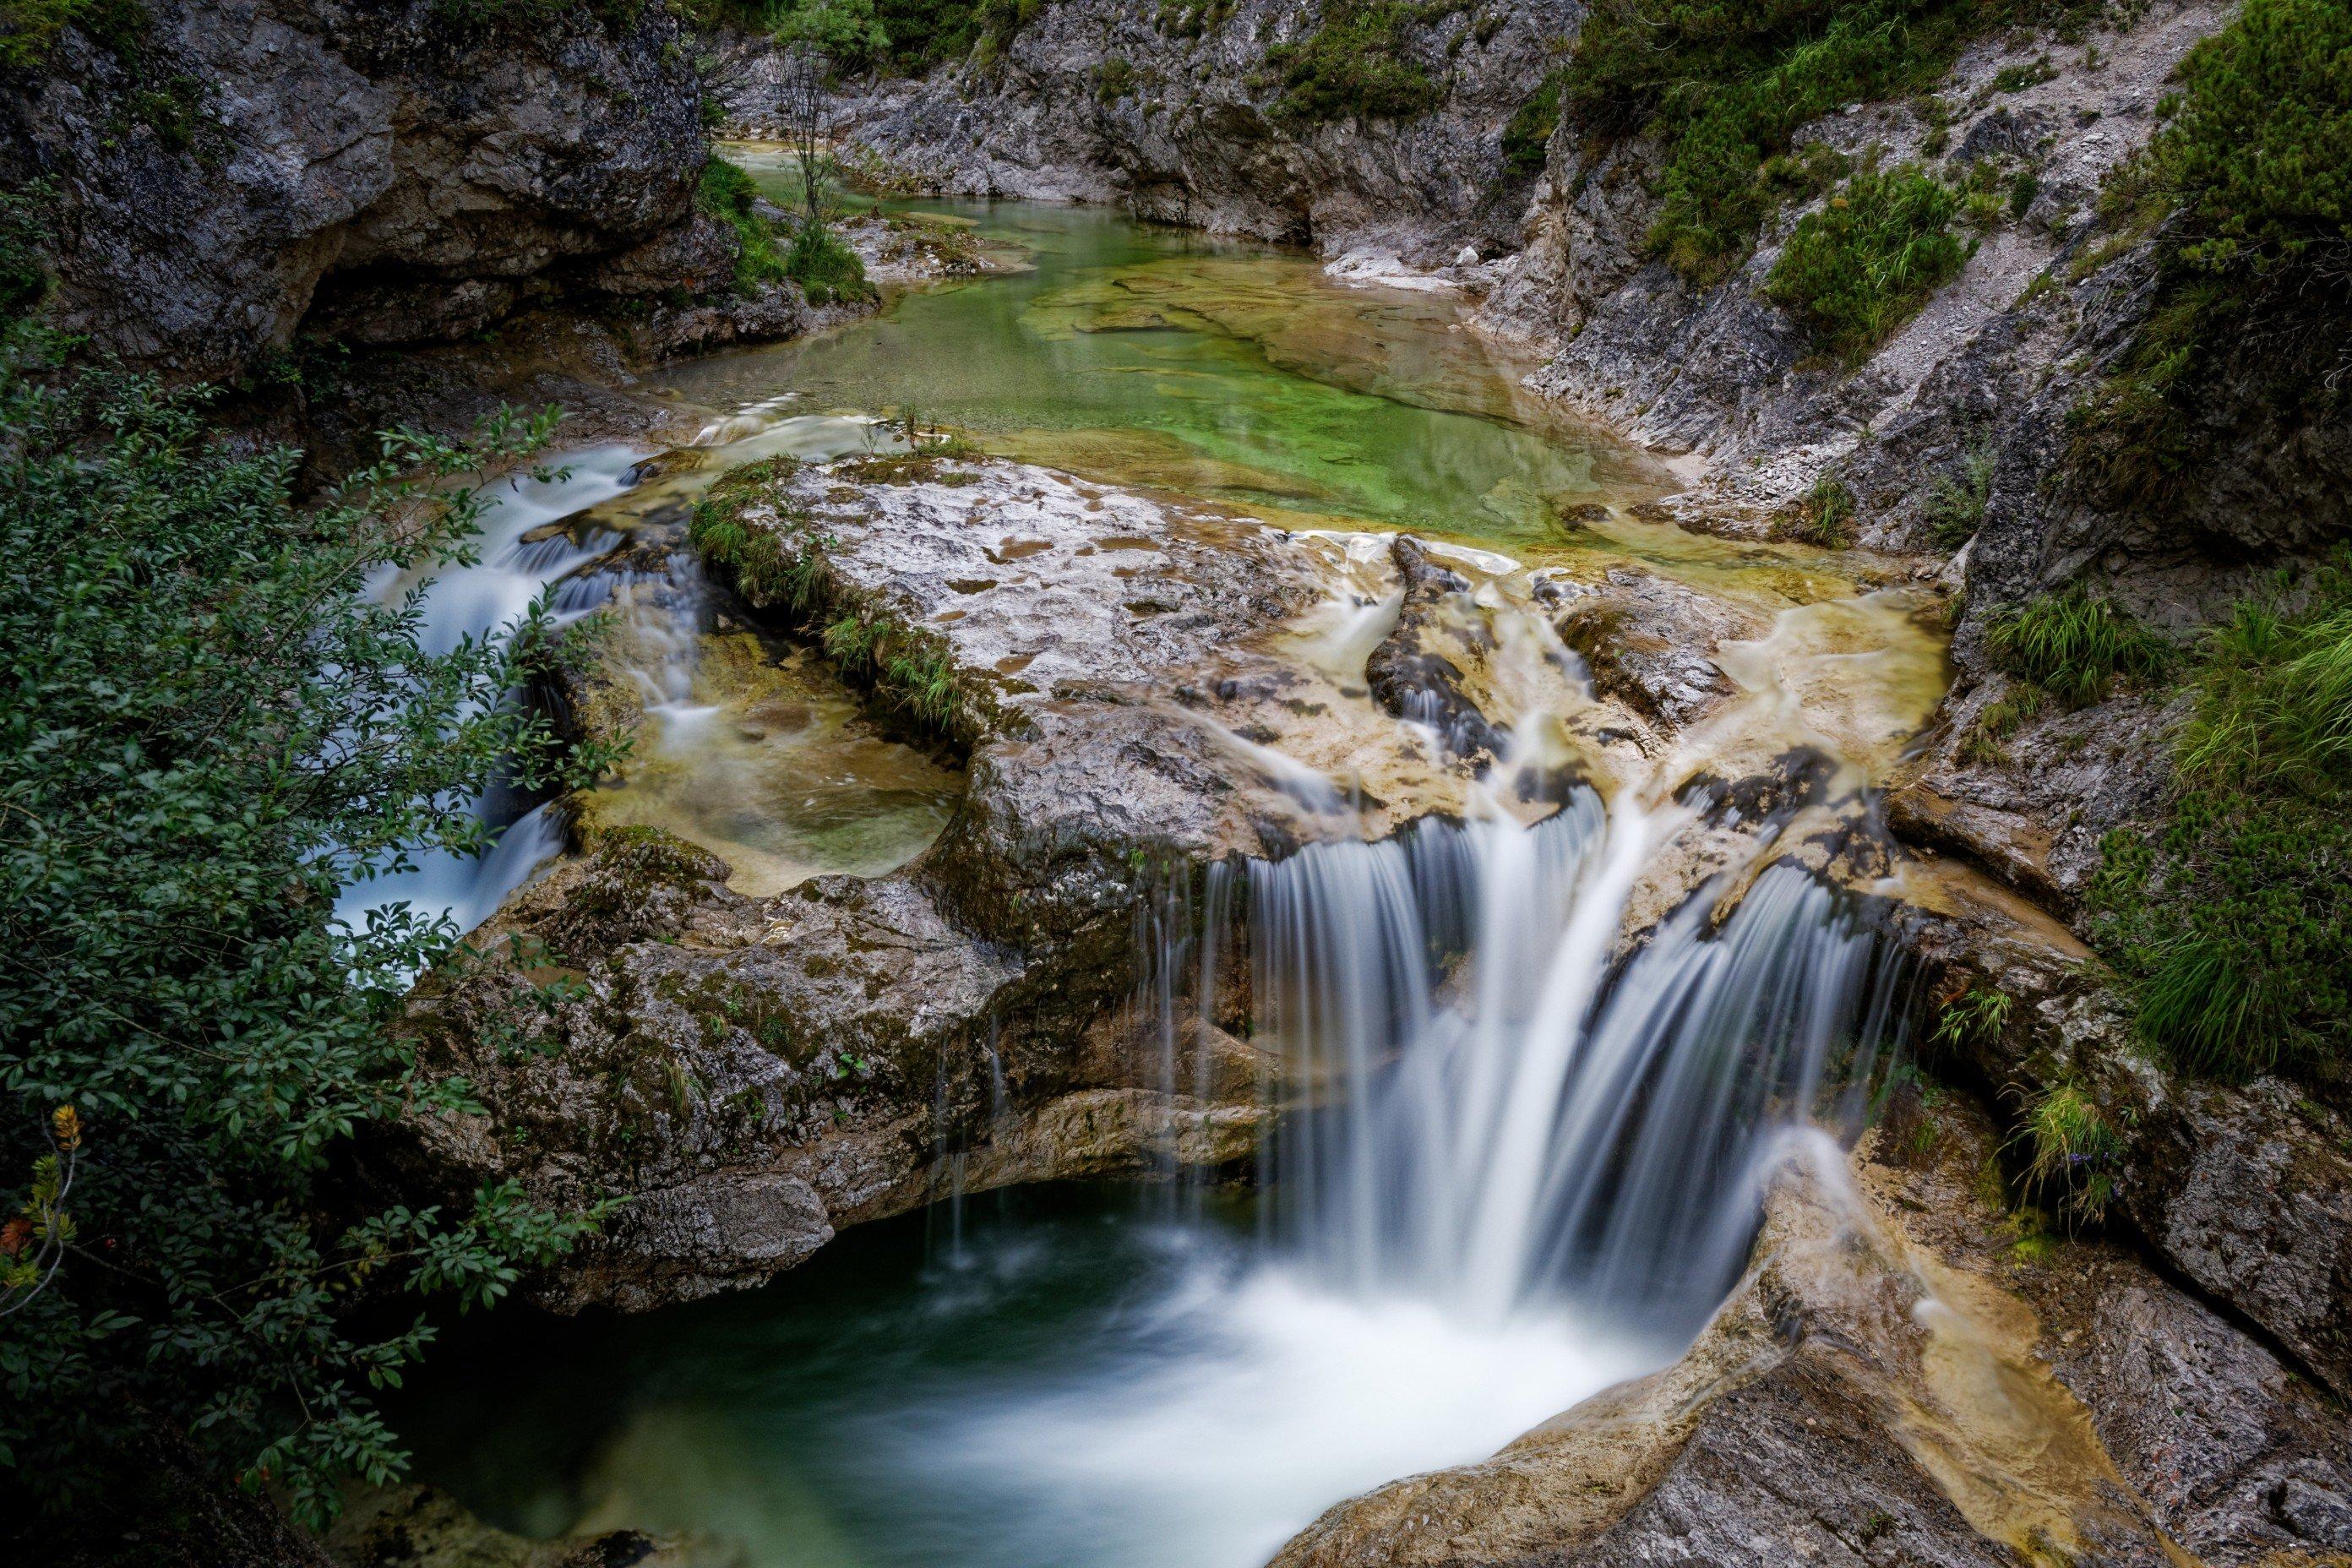 Einer der vielen Wasserfälle in den Ötschergräben - hier beim Ötscherhias